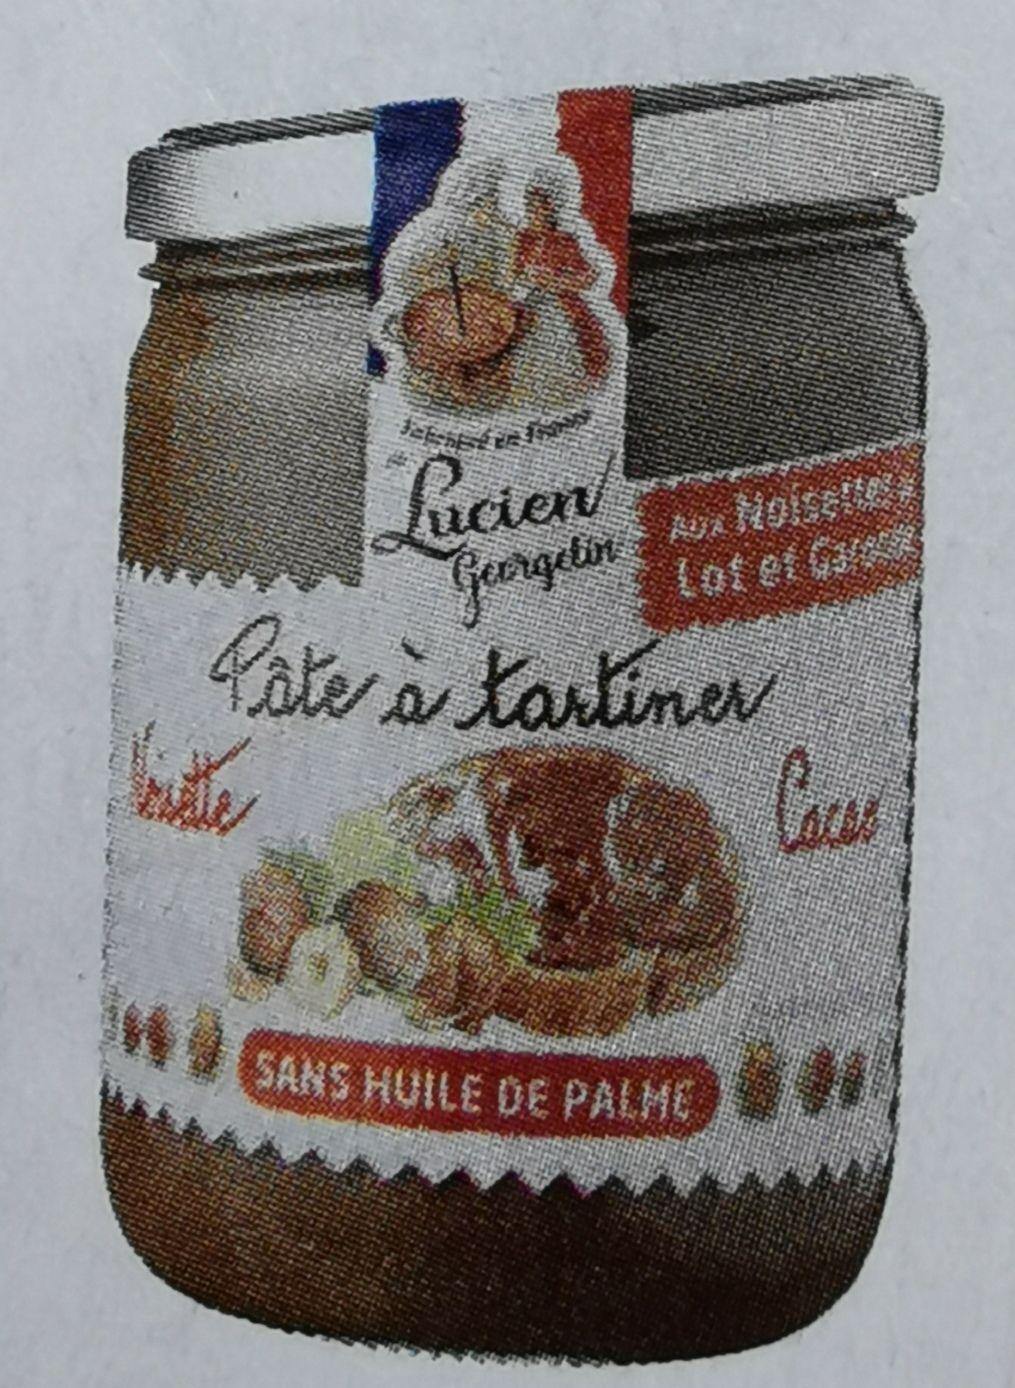 Lot de 2 pots de pâte à tartiner sans huile de palme noisette cacao Lucien Georgelin - 2 x 400g